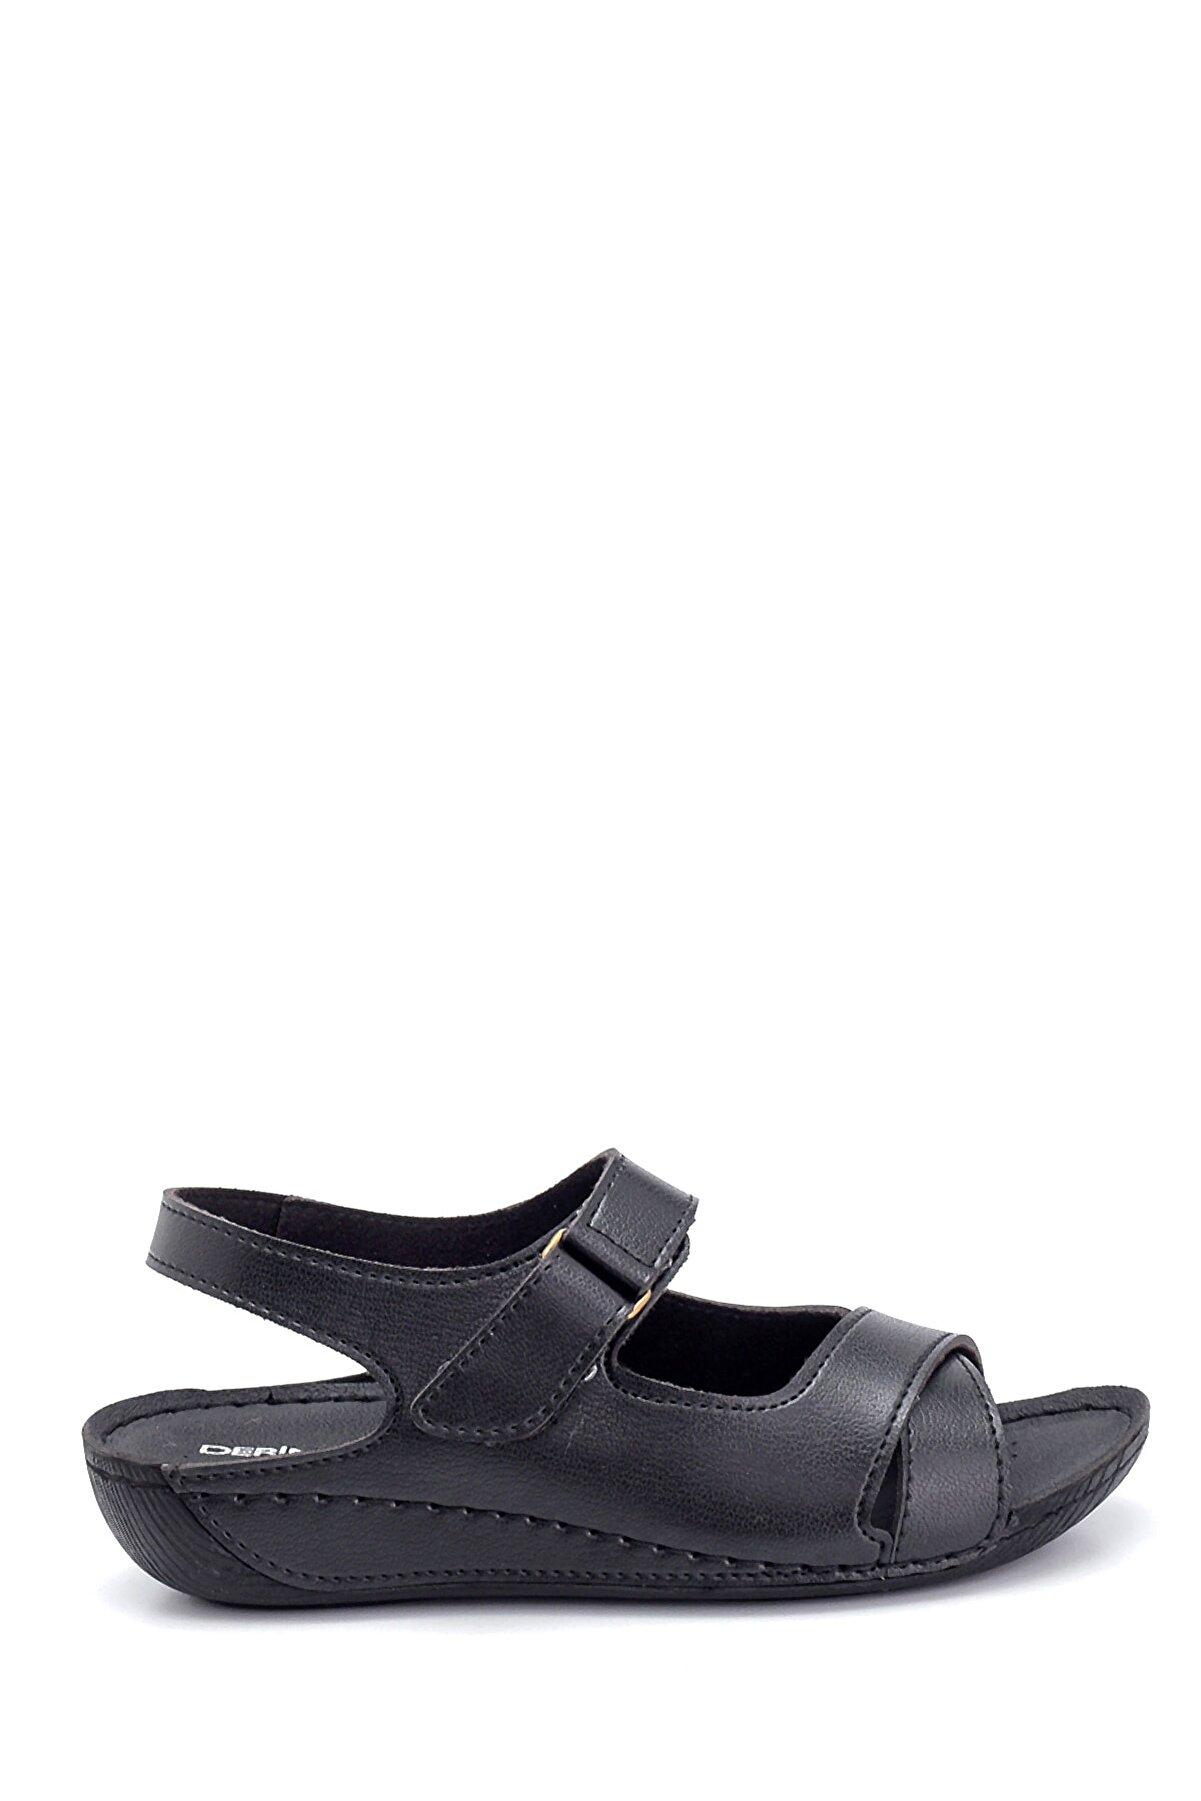 Derimod Kadın Dolgu Topuk Casual Sandalet